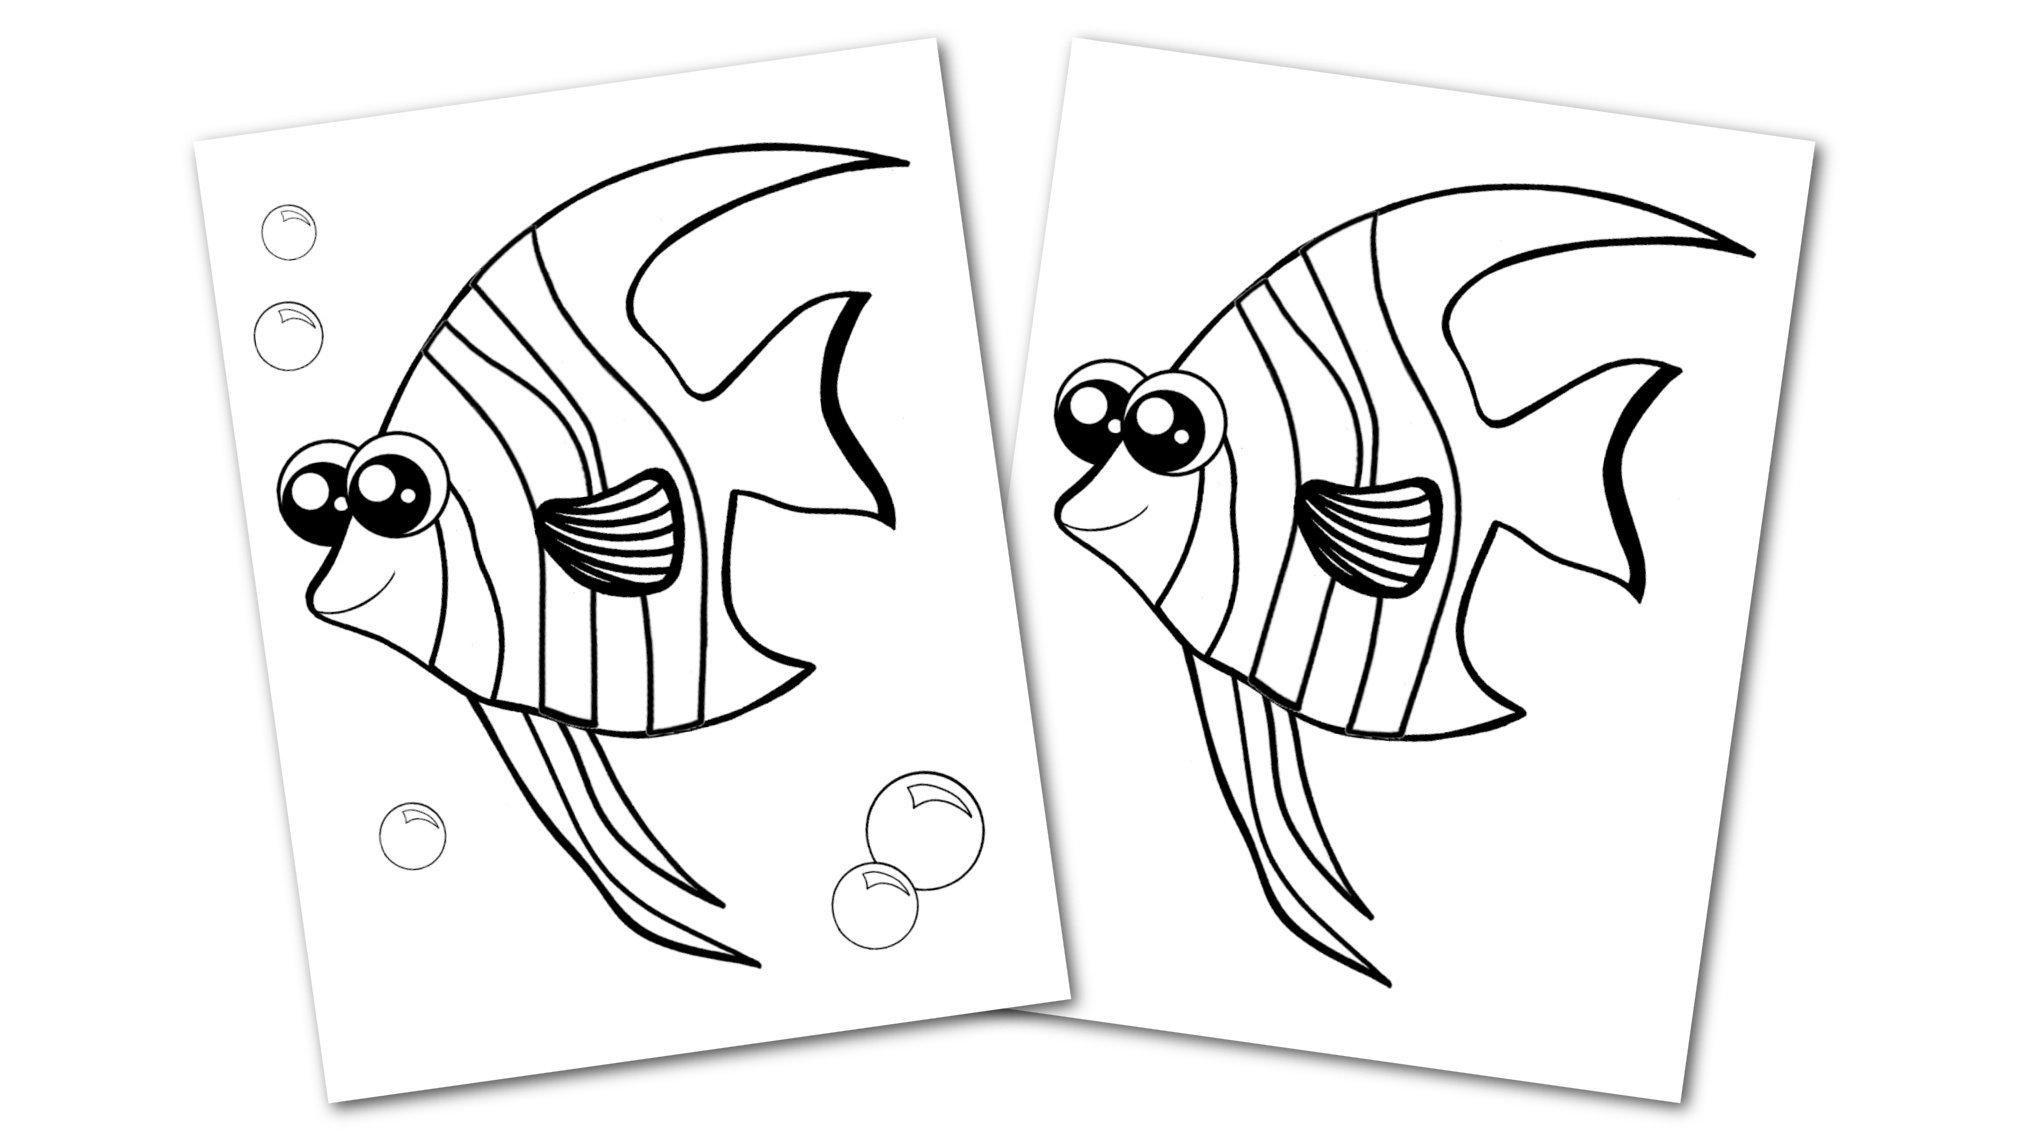 Free Printable Angelfish Ocean Animal Convertkit for Toddlers, Kids and Preschoolers